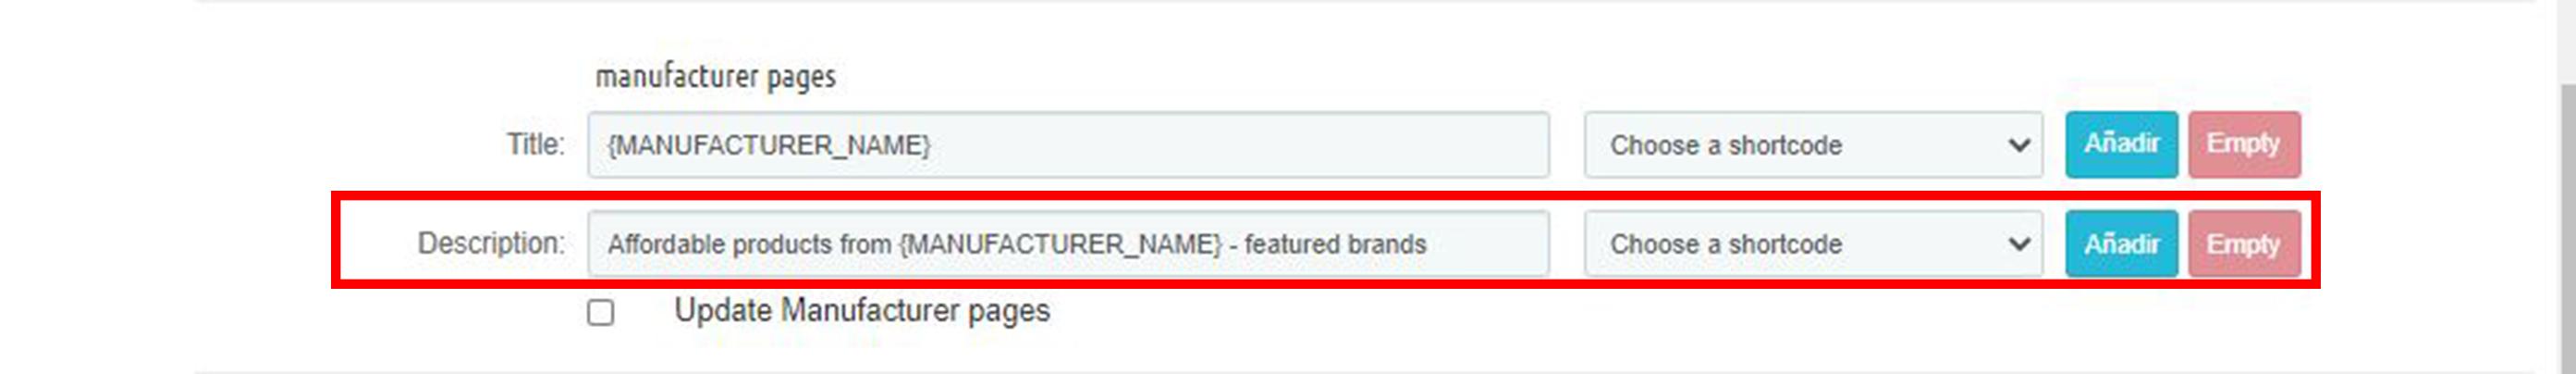 Marcas y proveedores Meta descripcion